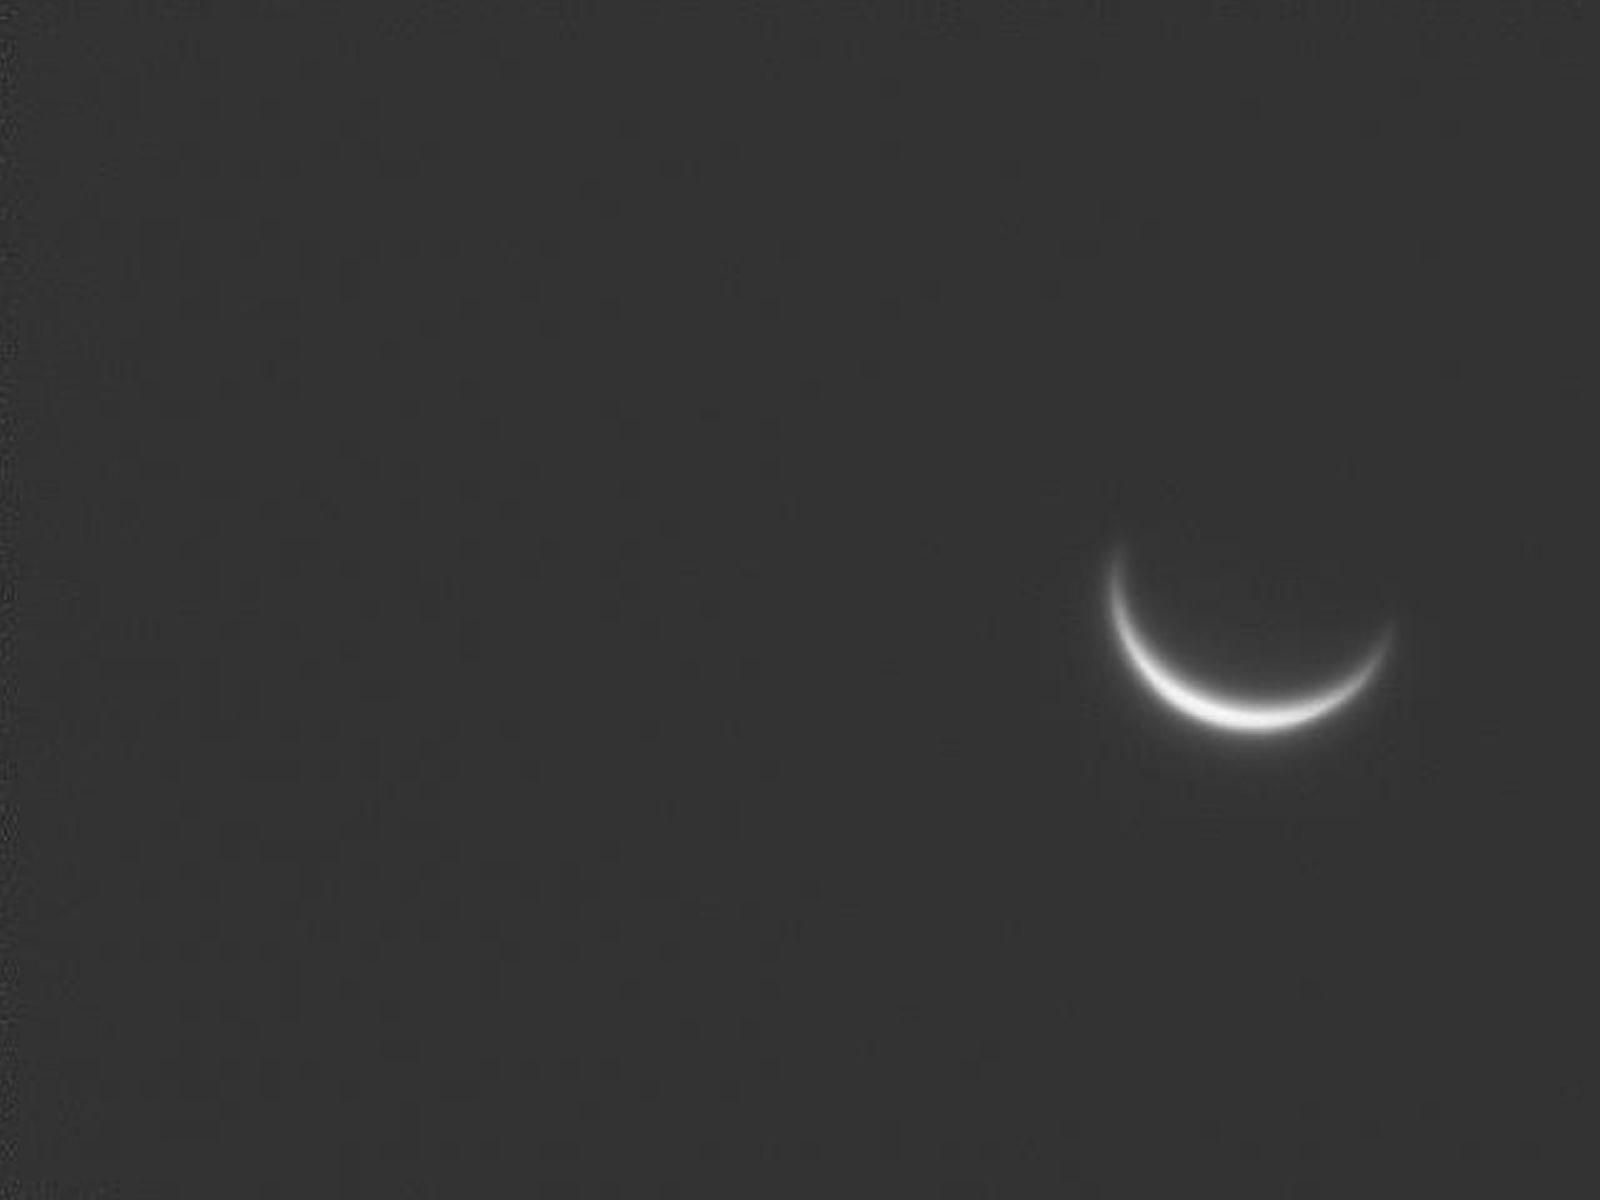 Венера. ETX125. Автор Luis Villa